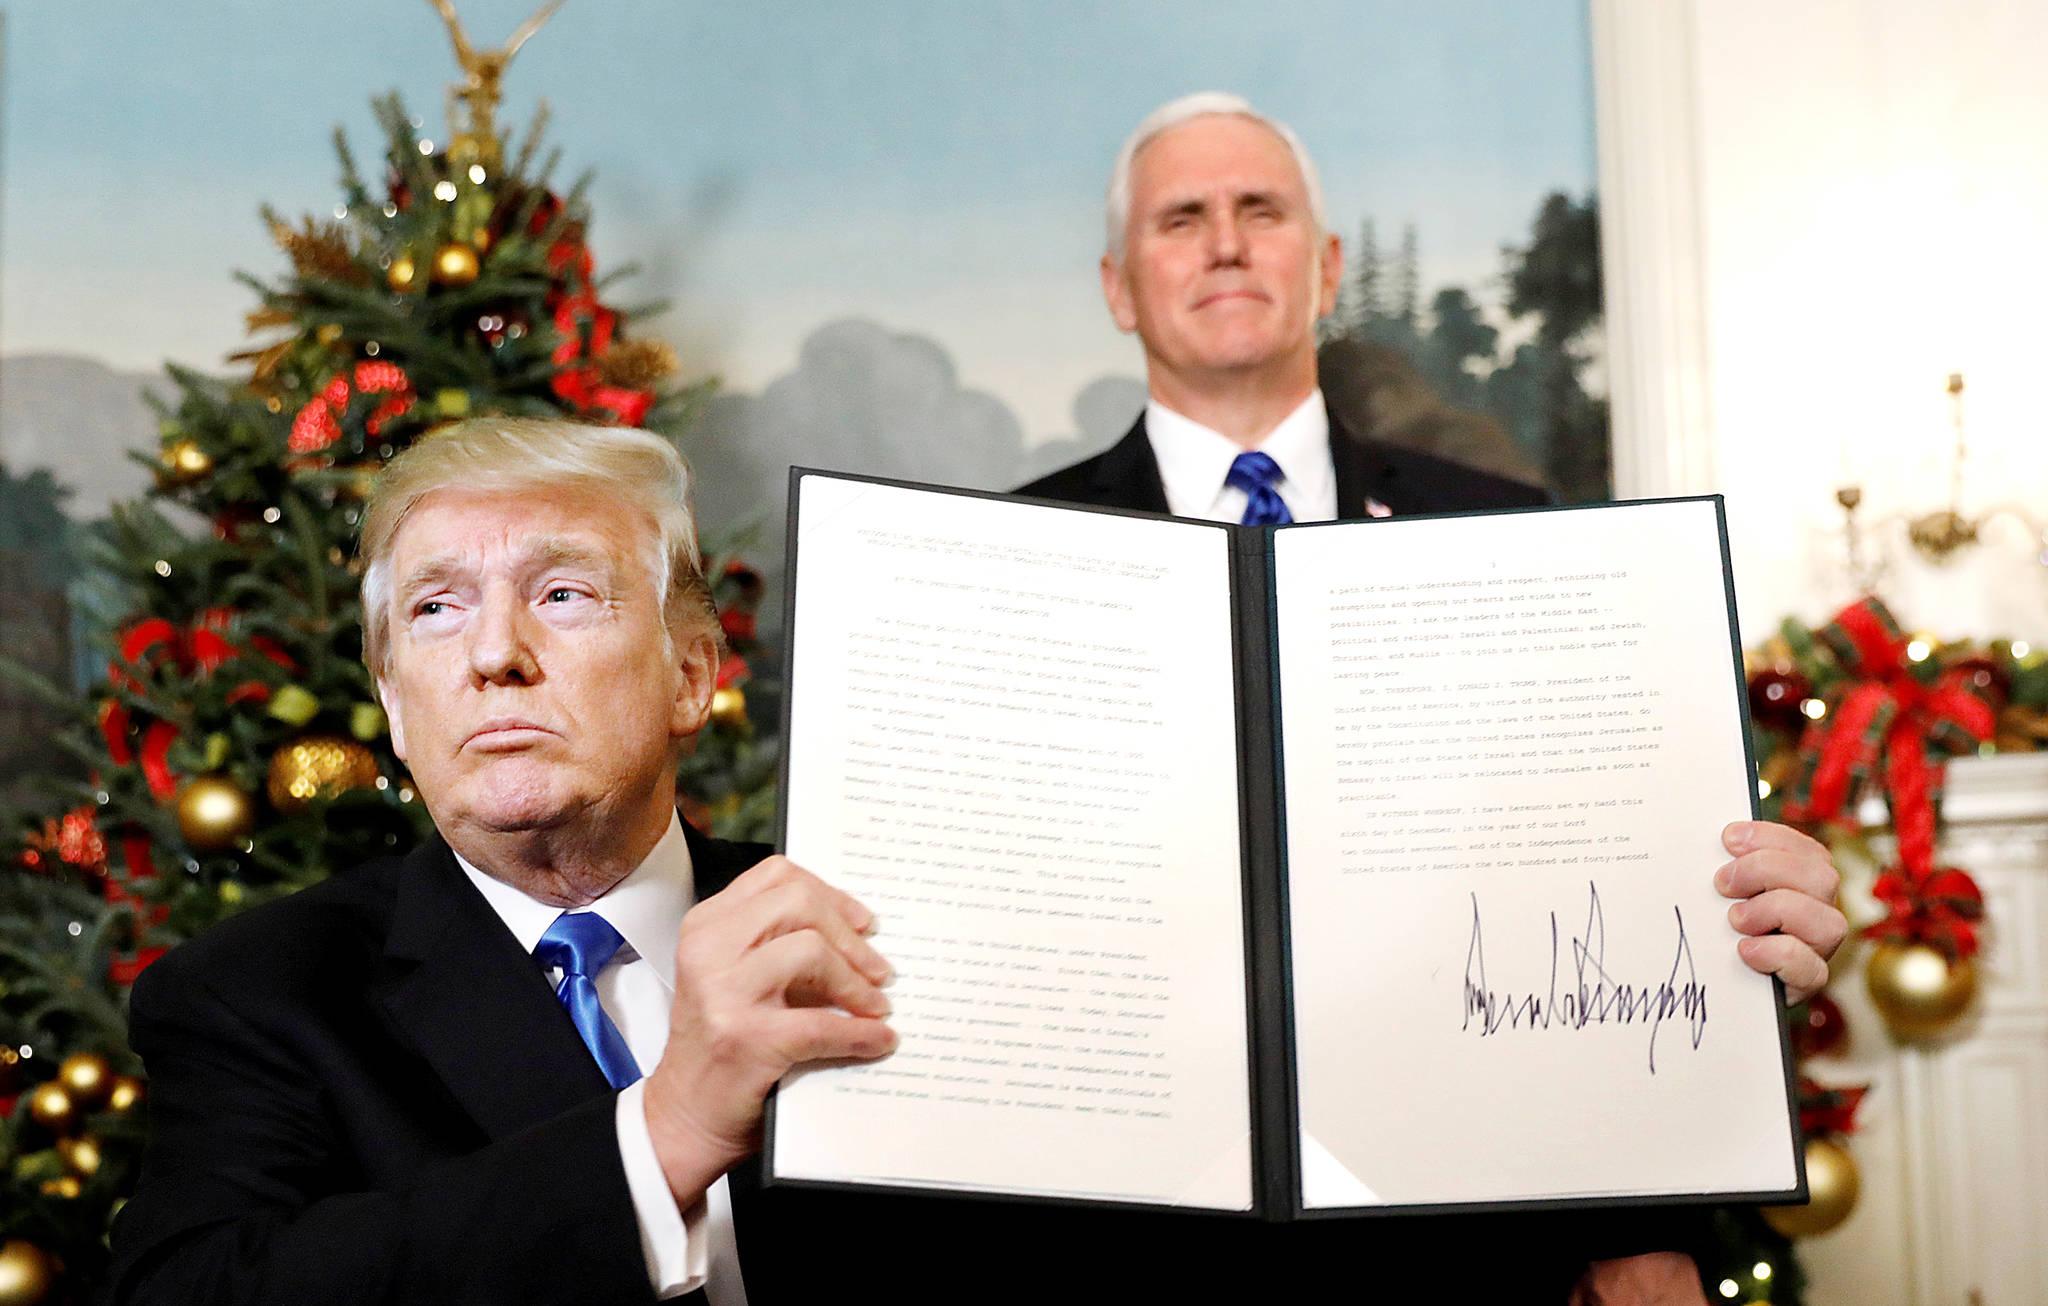 도널드 트럼프 미국 대통령(왼쪽)이 지난 6일 백악관에서 예루살렘을 이스라엘의 수도로 인정하고 현재 텔아비브에 주이스라엘 미국 대사관을 예루살렘으로 옮기는 내용의 선언에 서명한 뒤 이를 내보이고 있다. 오른쪽은 마이크 펜스 미국 부통령. 트럼프의 이 결정은 중동에 피바람을 몰고 올 전망이다 .[로이터=연합뉴스]